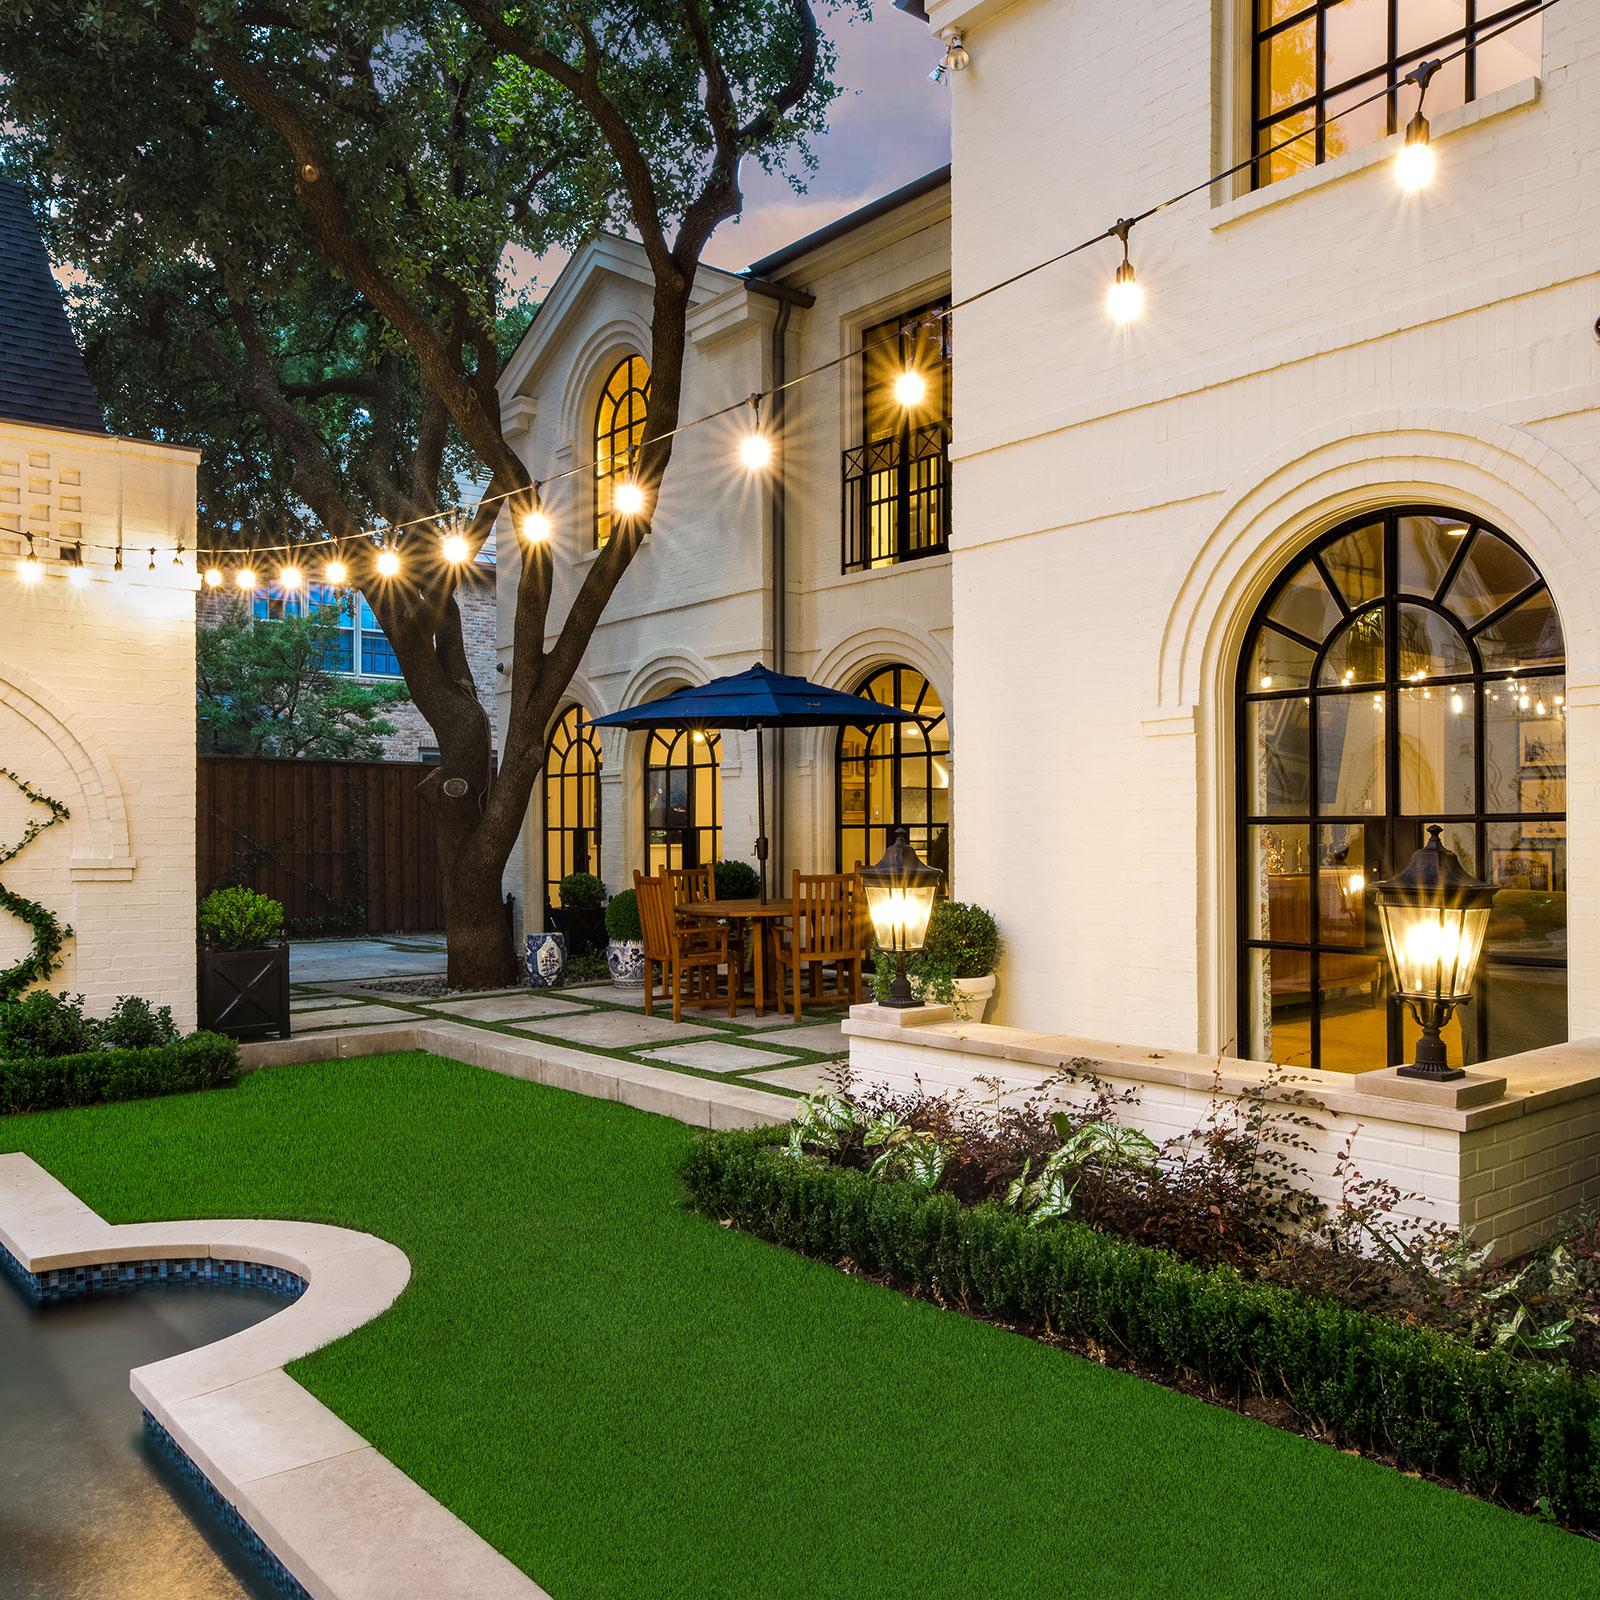 ddla-design-windsor-rear-house-evening.jpg